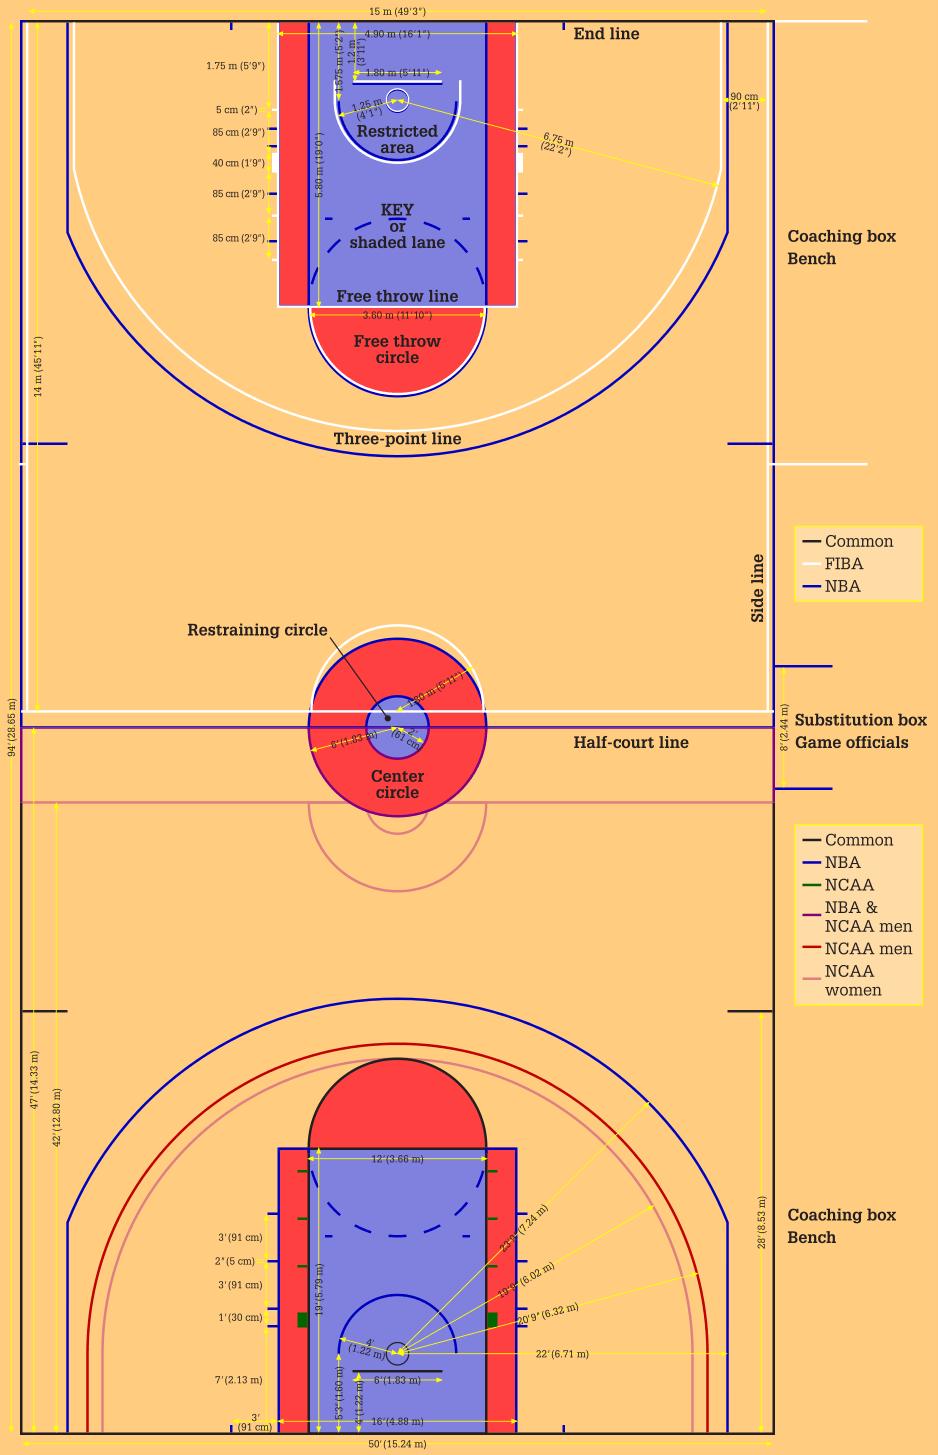 Ukuran Standar Lapangan Basket : ukuran, standar, lapangan, basket, Ukuran, Lapangan, Basket, (National, Basketball, Association), Andhika, Wiratama